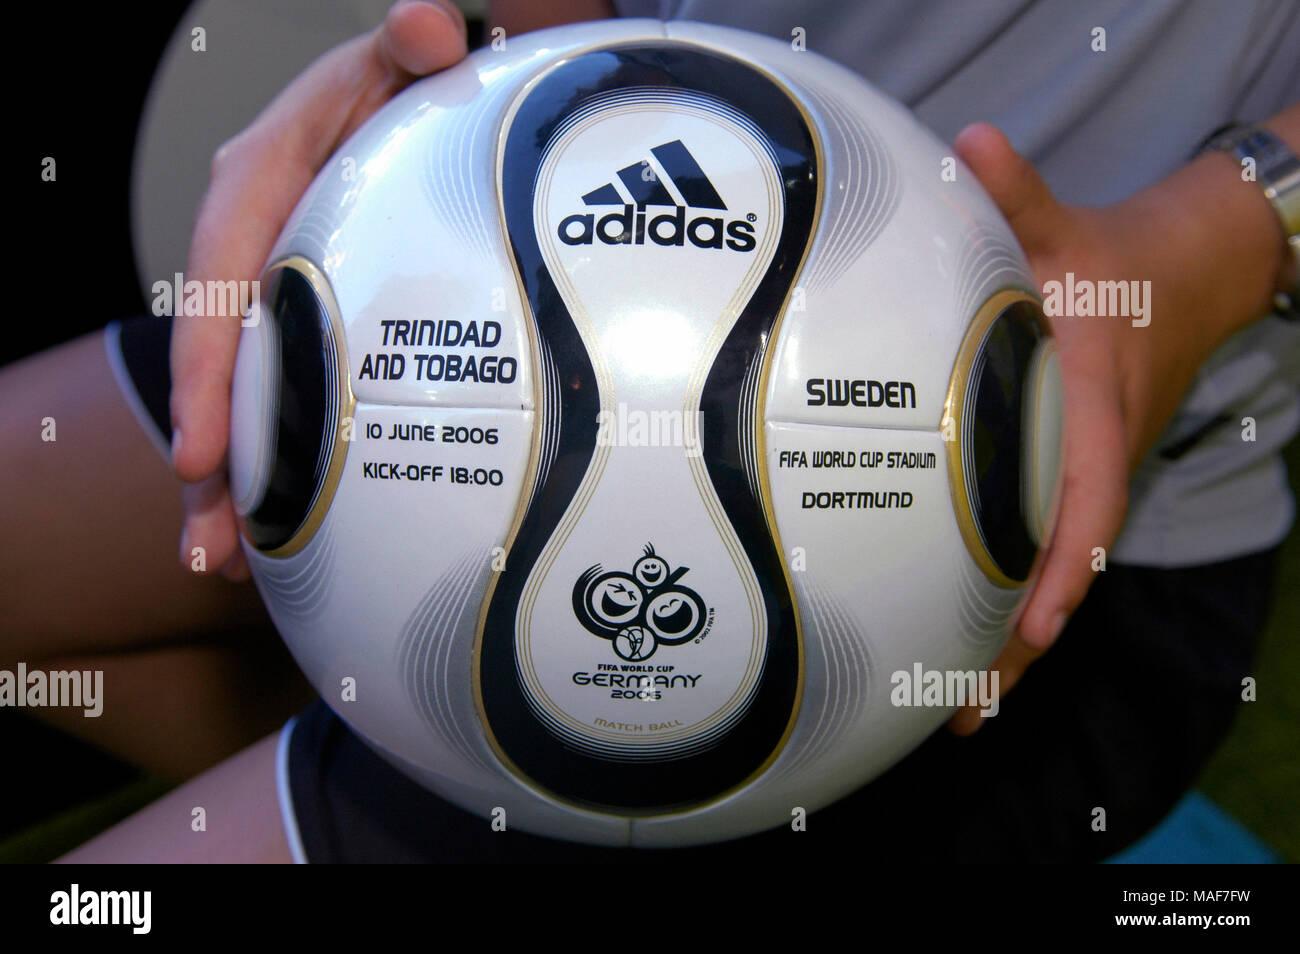 Fifa Wm Stadion Deutschland 10 6 2006 Fussball Fifa Wm 2006